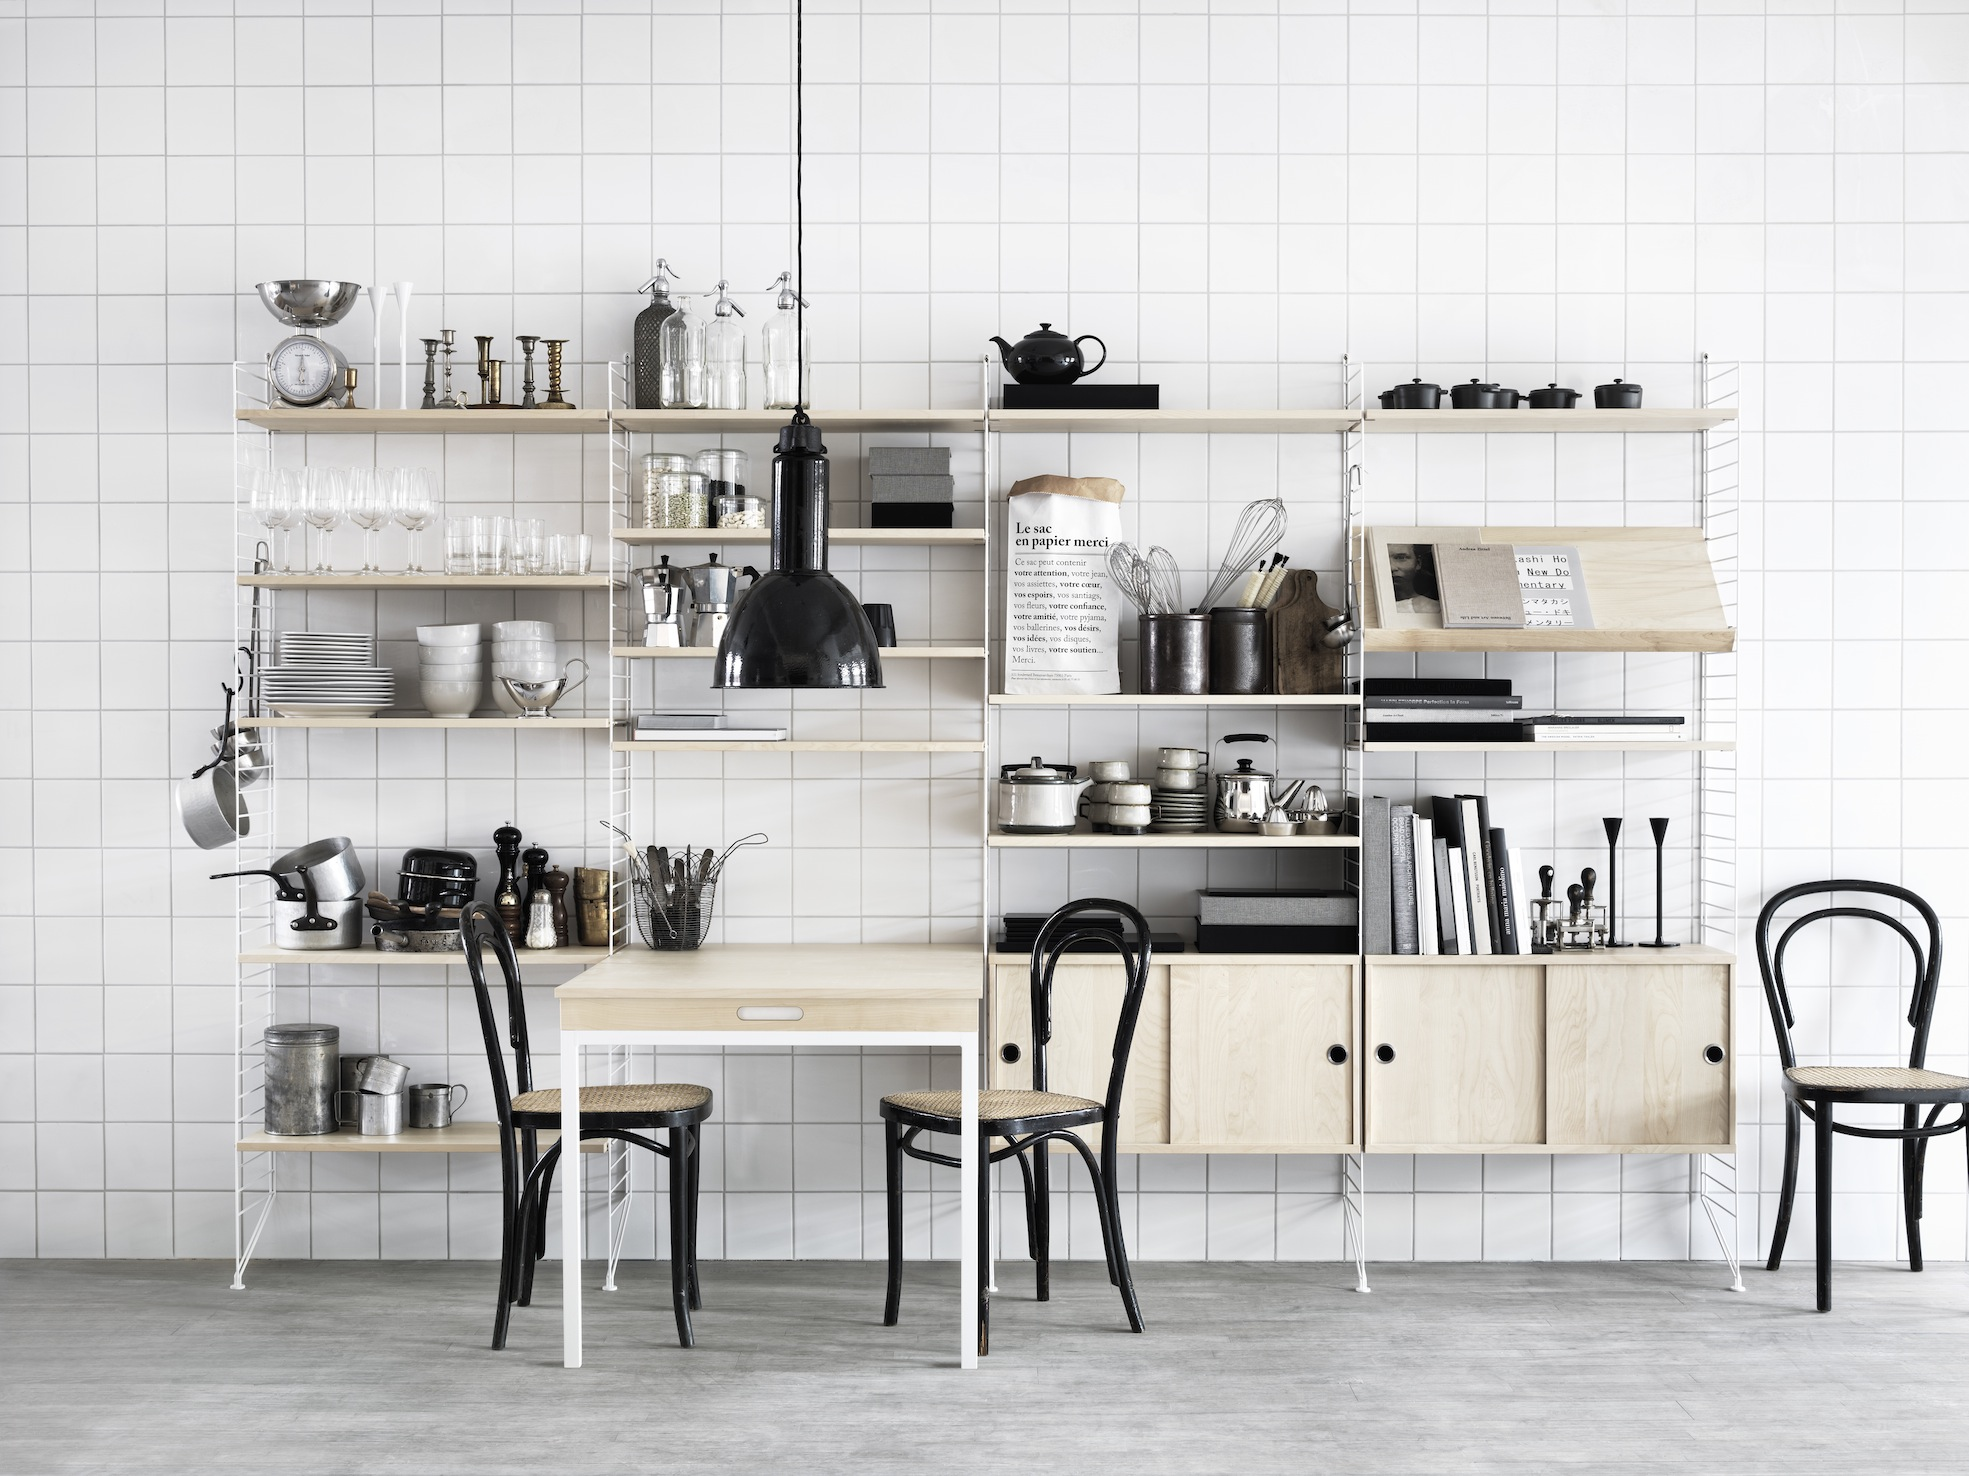 cuisine-design-string-blog-deco-mlc